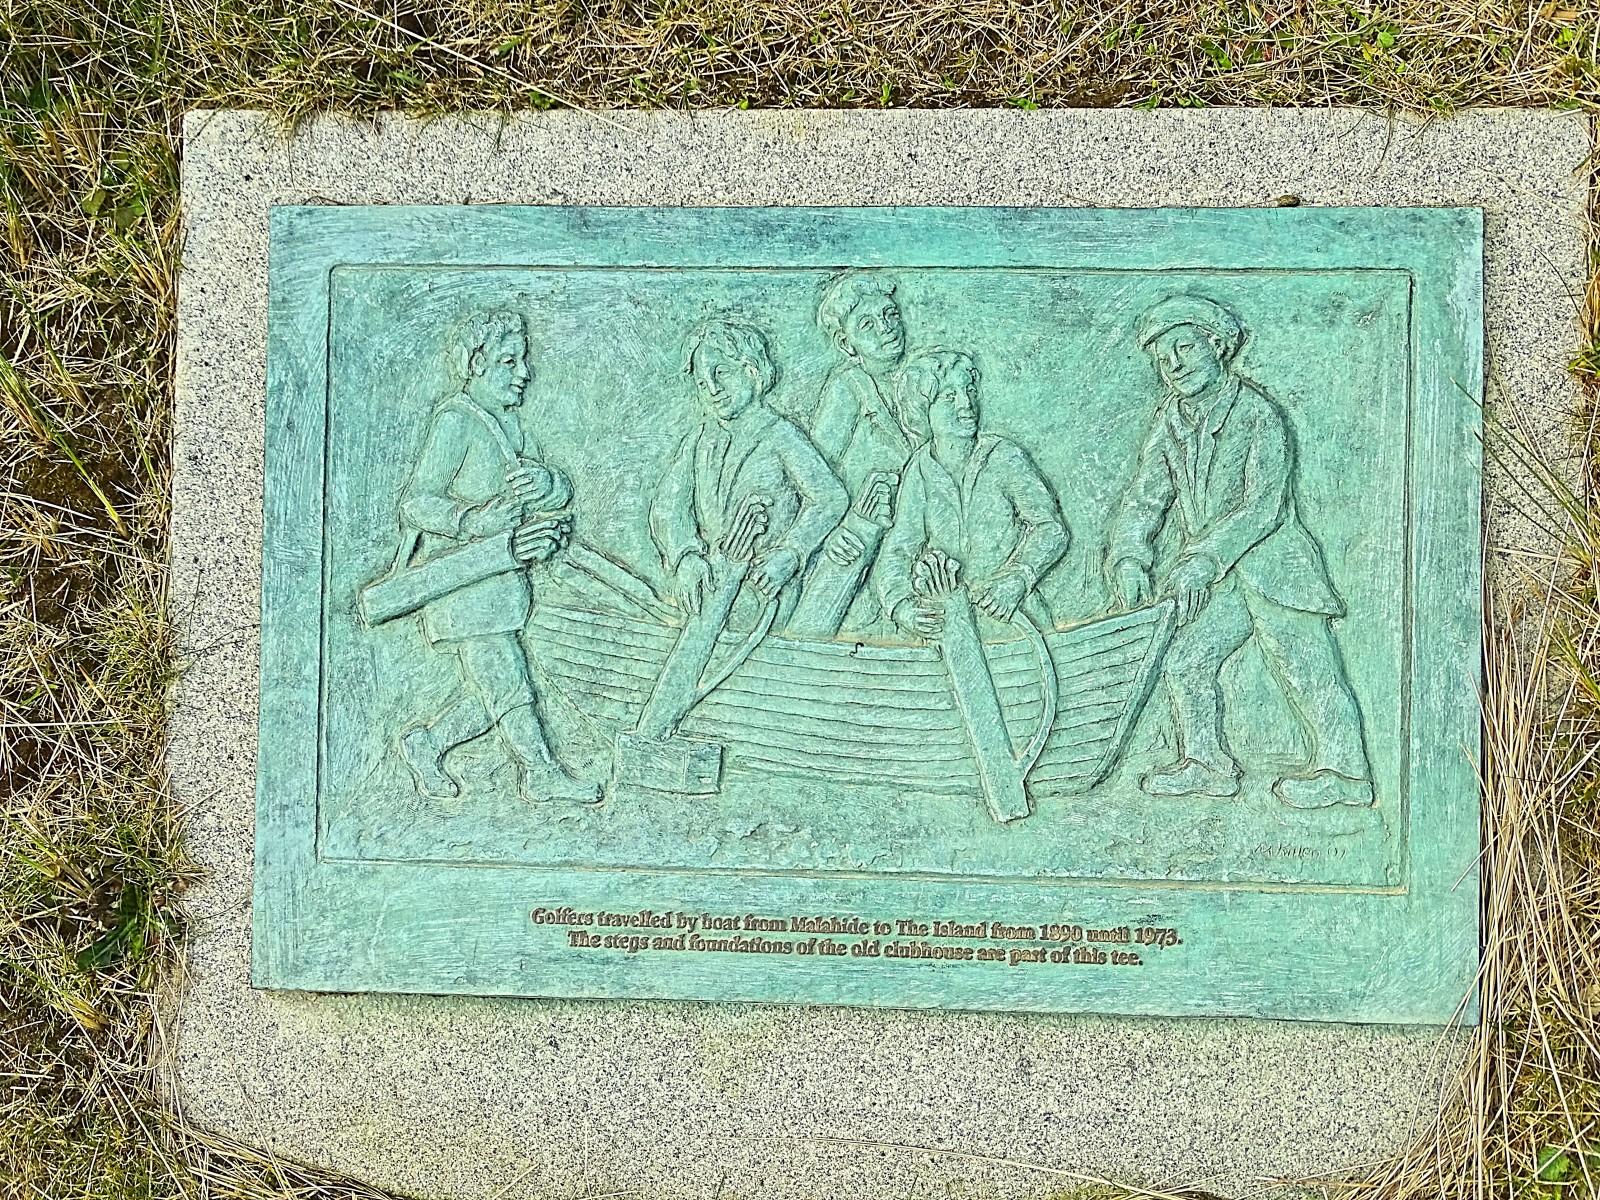 Eine Tafel erinnert an die Ursprünge von The Island Golf Club